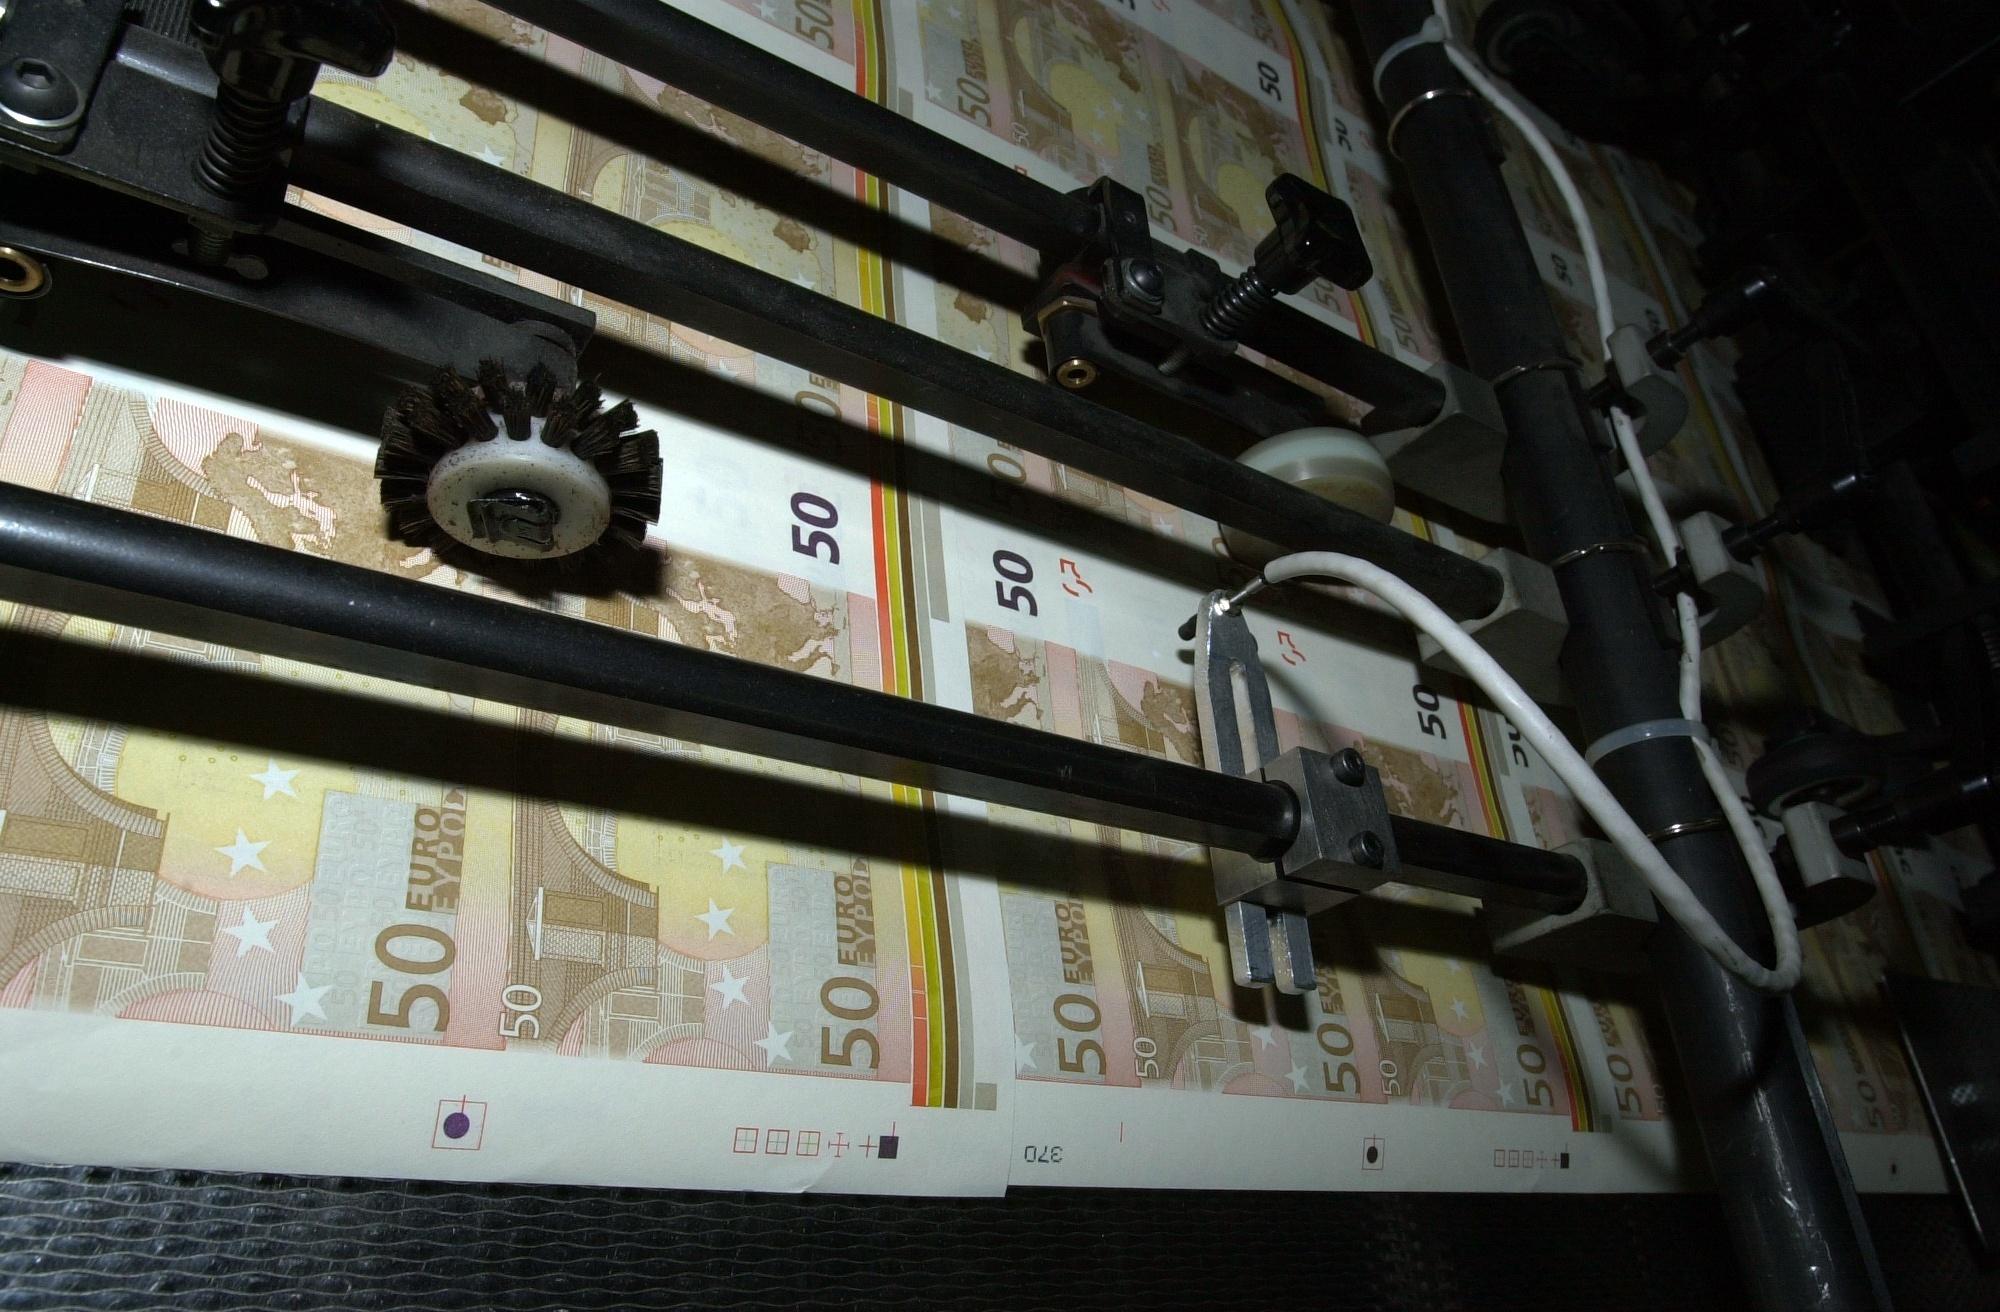 Los billetes de 500 euros vuelven a bajar en julio y se mantienen en niveles de 2005